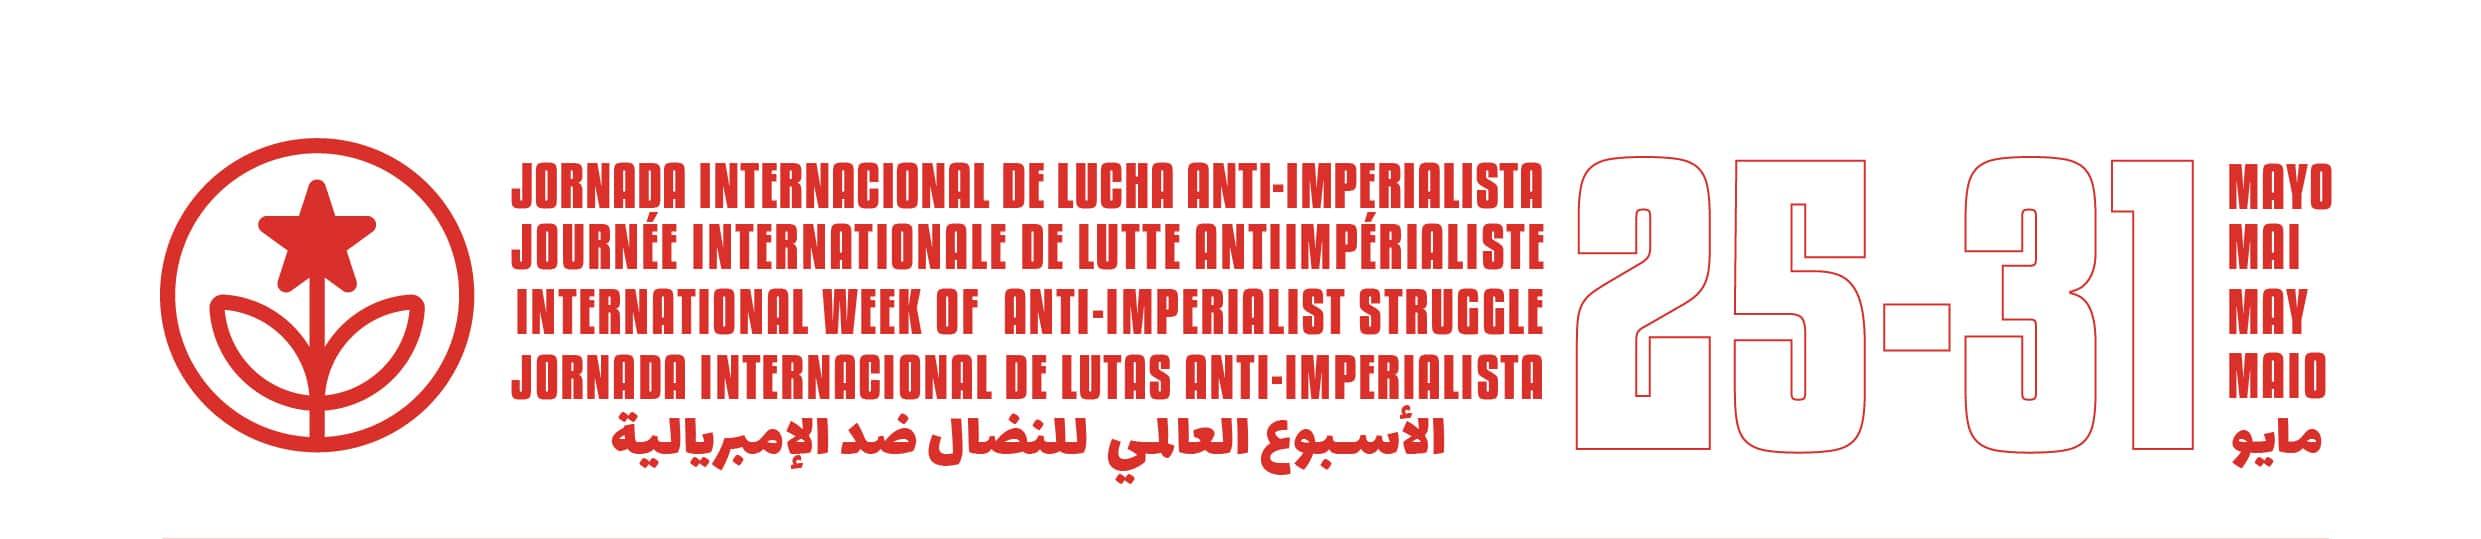 Journée internationale de la lutte anti-impérialiste (25-31 mai 2020)